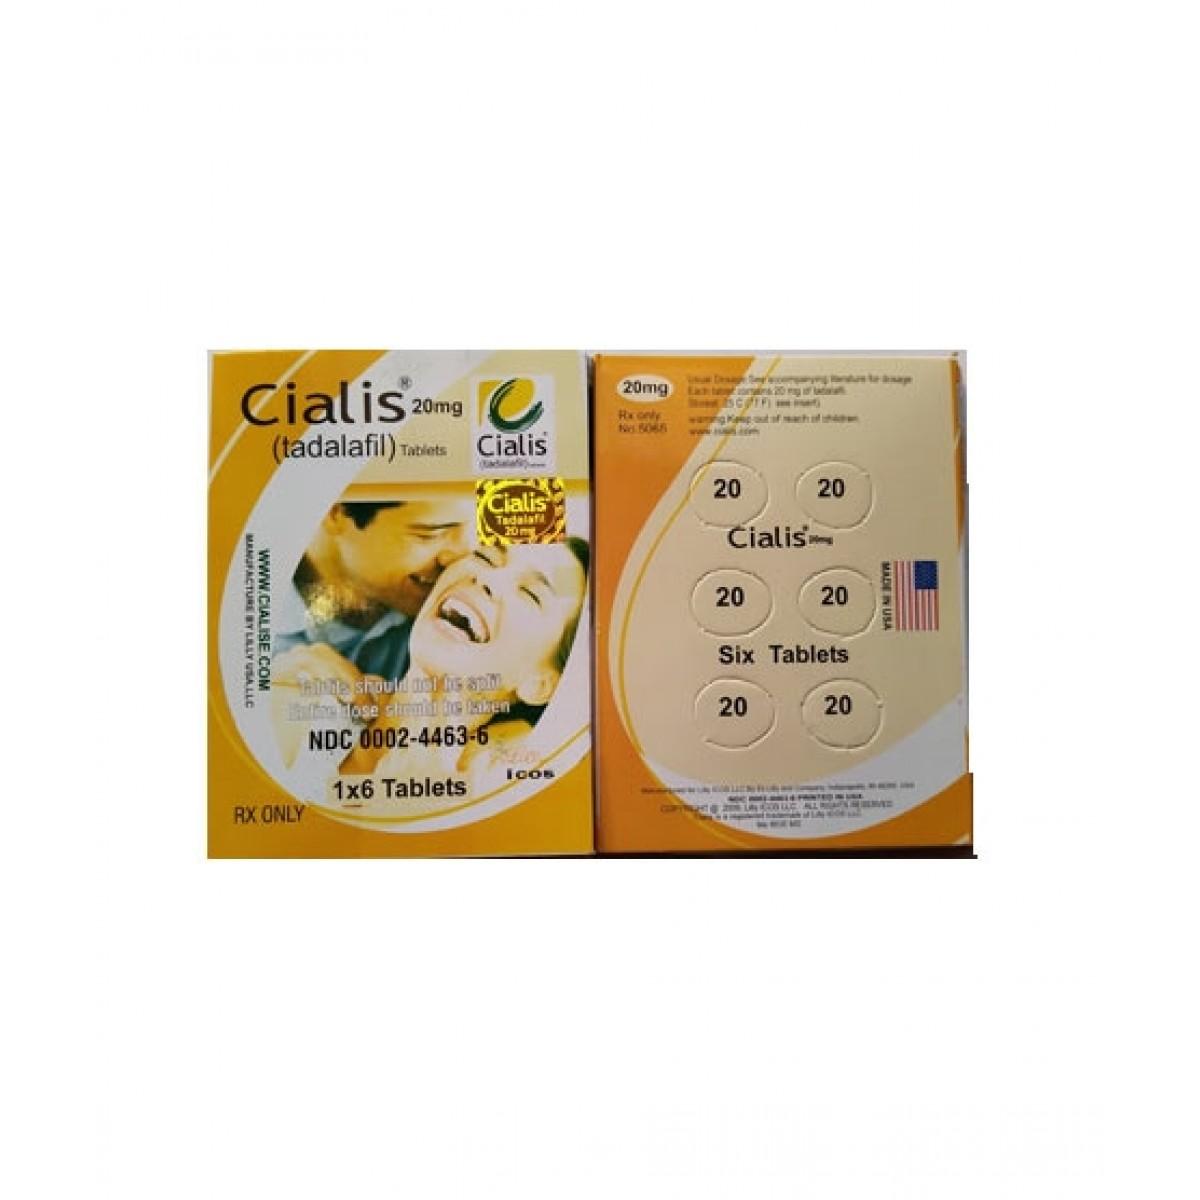 Jalandhar Traders Cialis 6 Tablets Card 20mg Price In Pakistan Buy Jalandhar Traders Cialis 6 Tablets Card 20mg Usa Ishopping Pk